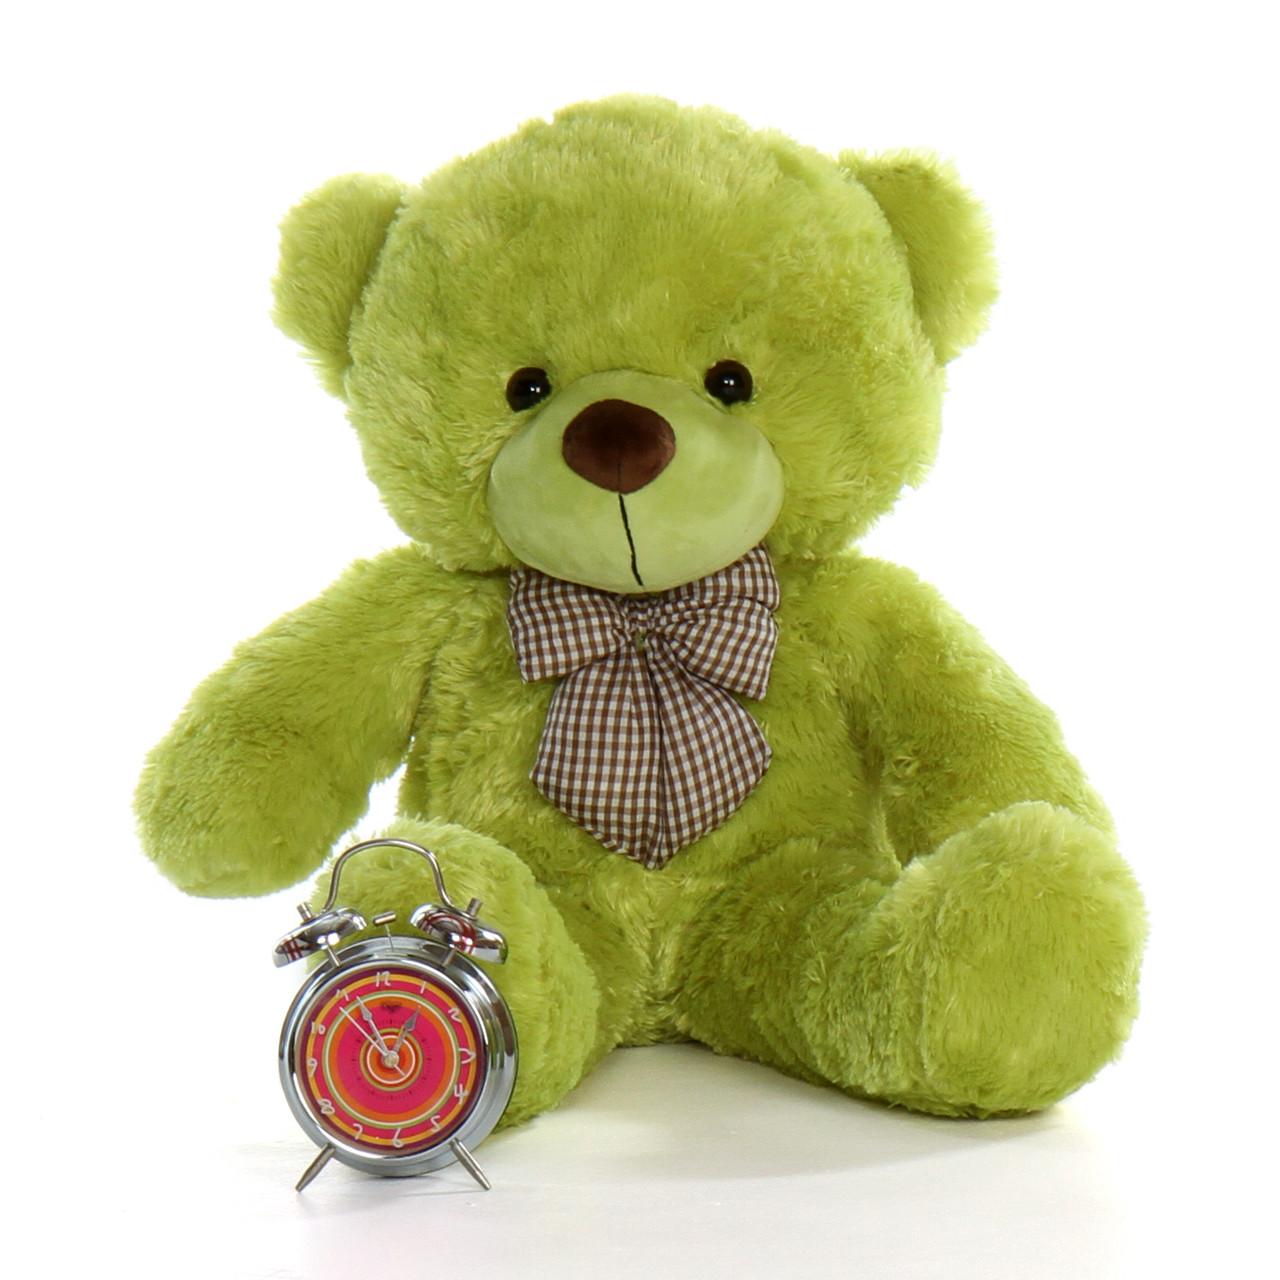 2.5ft Lime Green Giant Teddy Bear Ace Cuddles